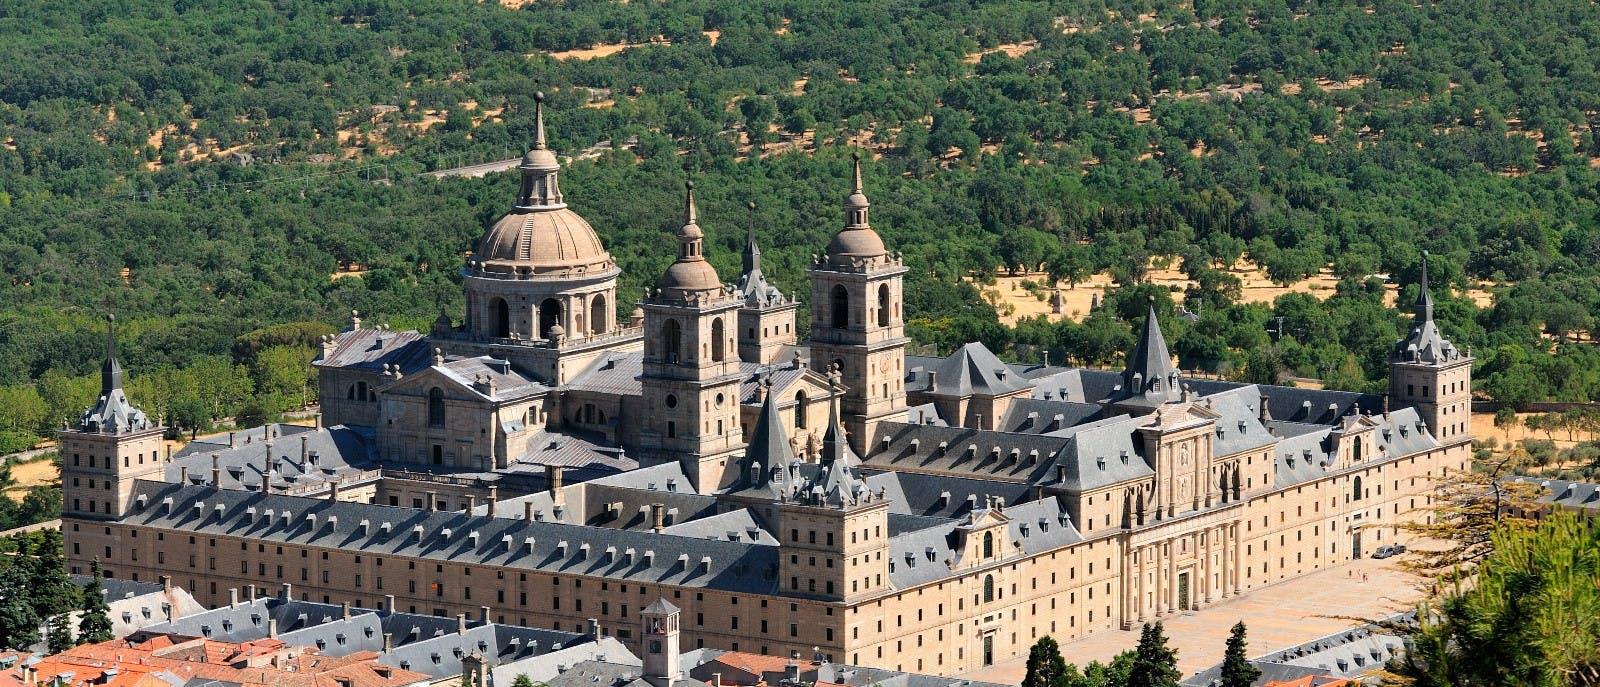 Escorial y Valle de los caído medio día Tour y Madrid segway tour-0